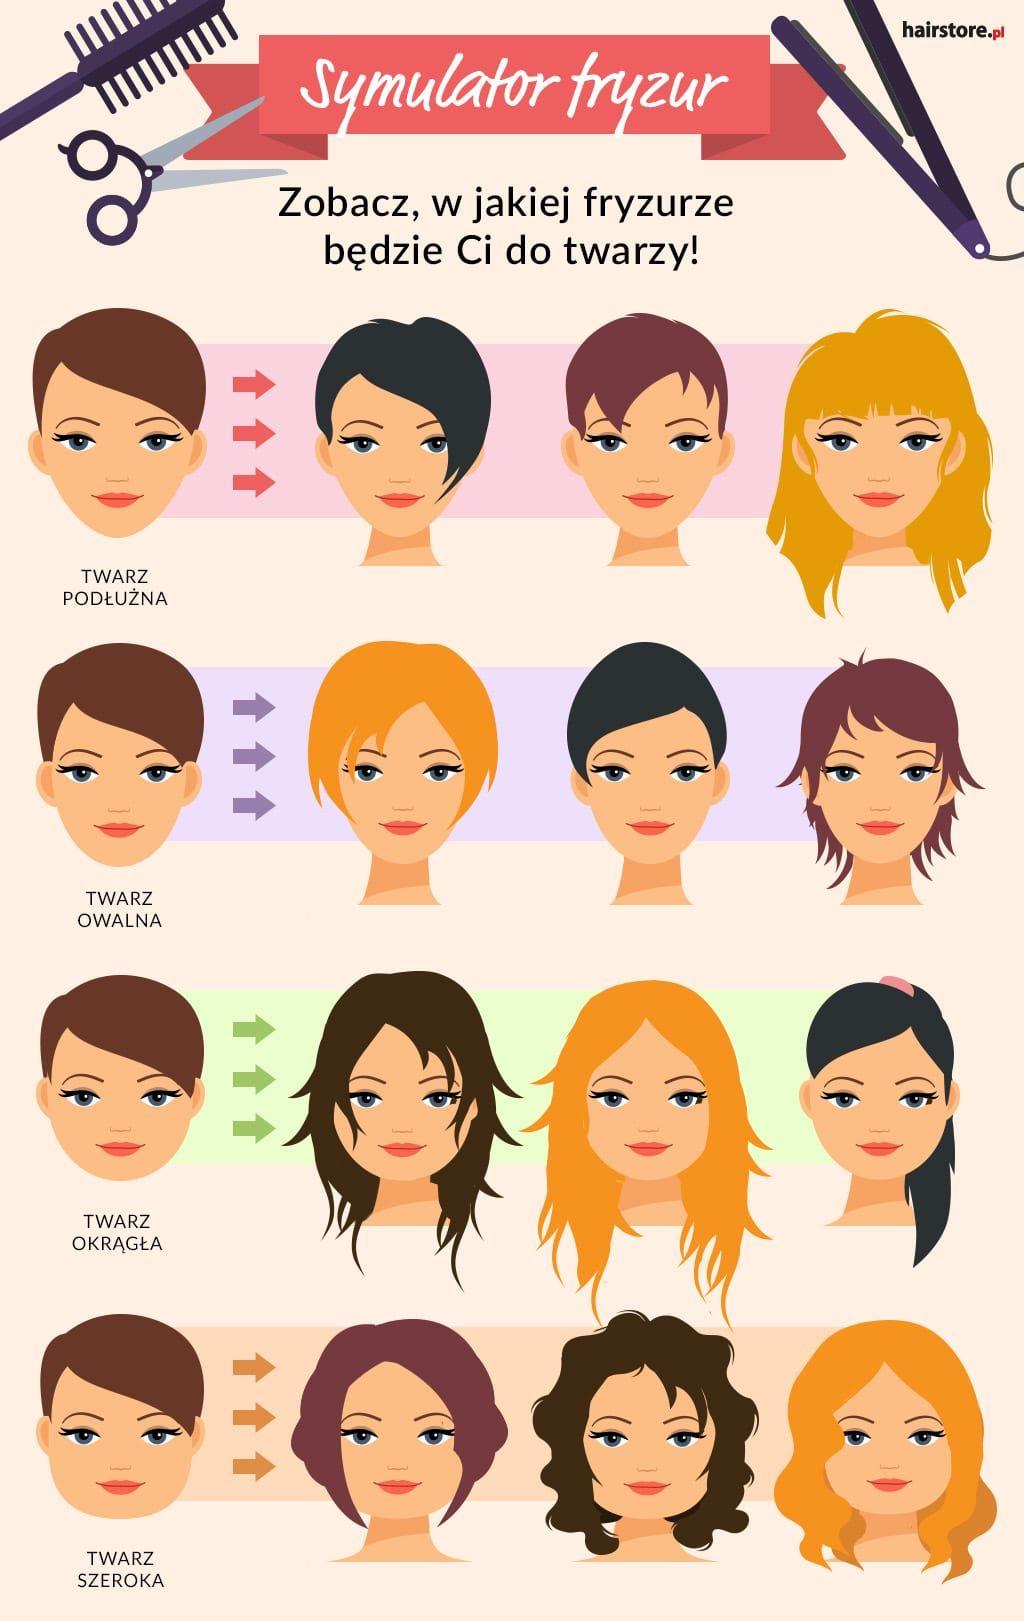 Komu Pasują Krótkie Włosy Infografiki Fryzury Włosy I